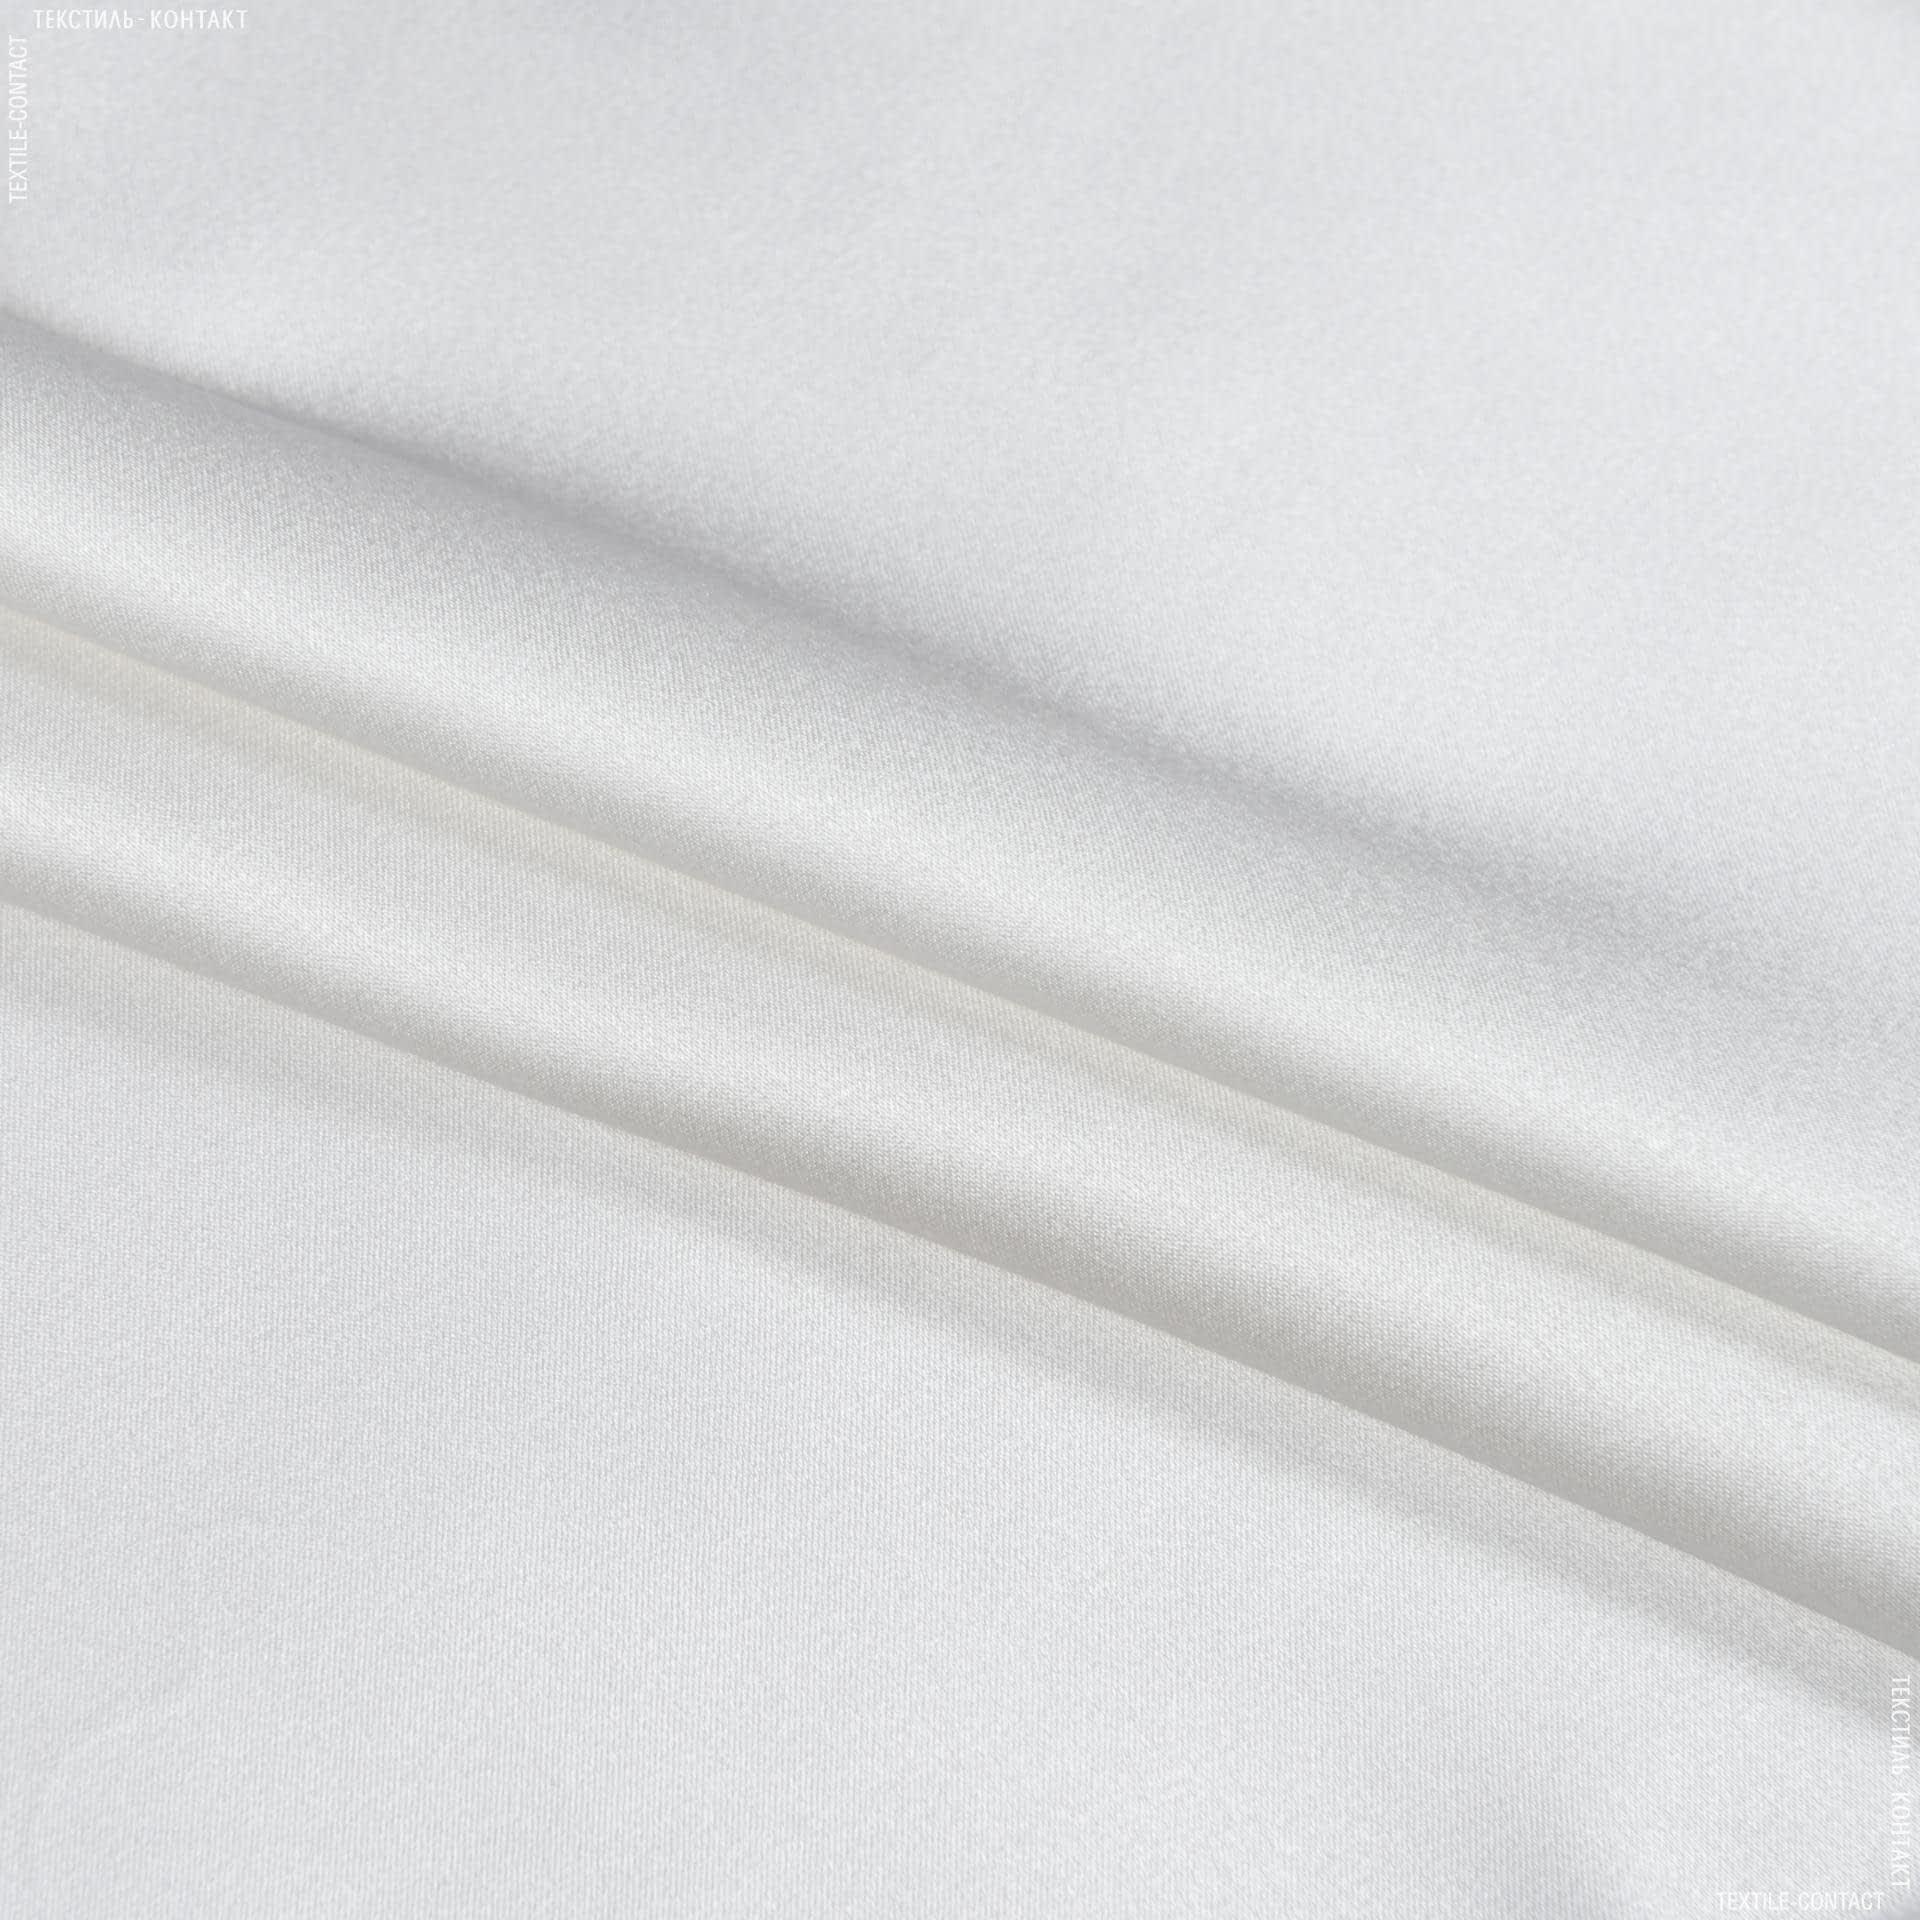 Тканини для білизни - Атлас стрейч білий